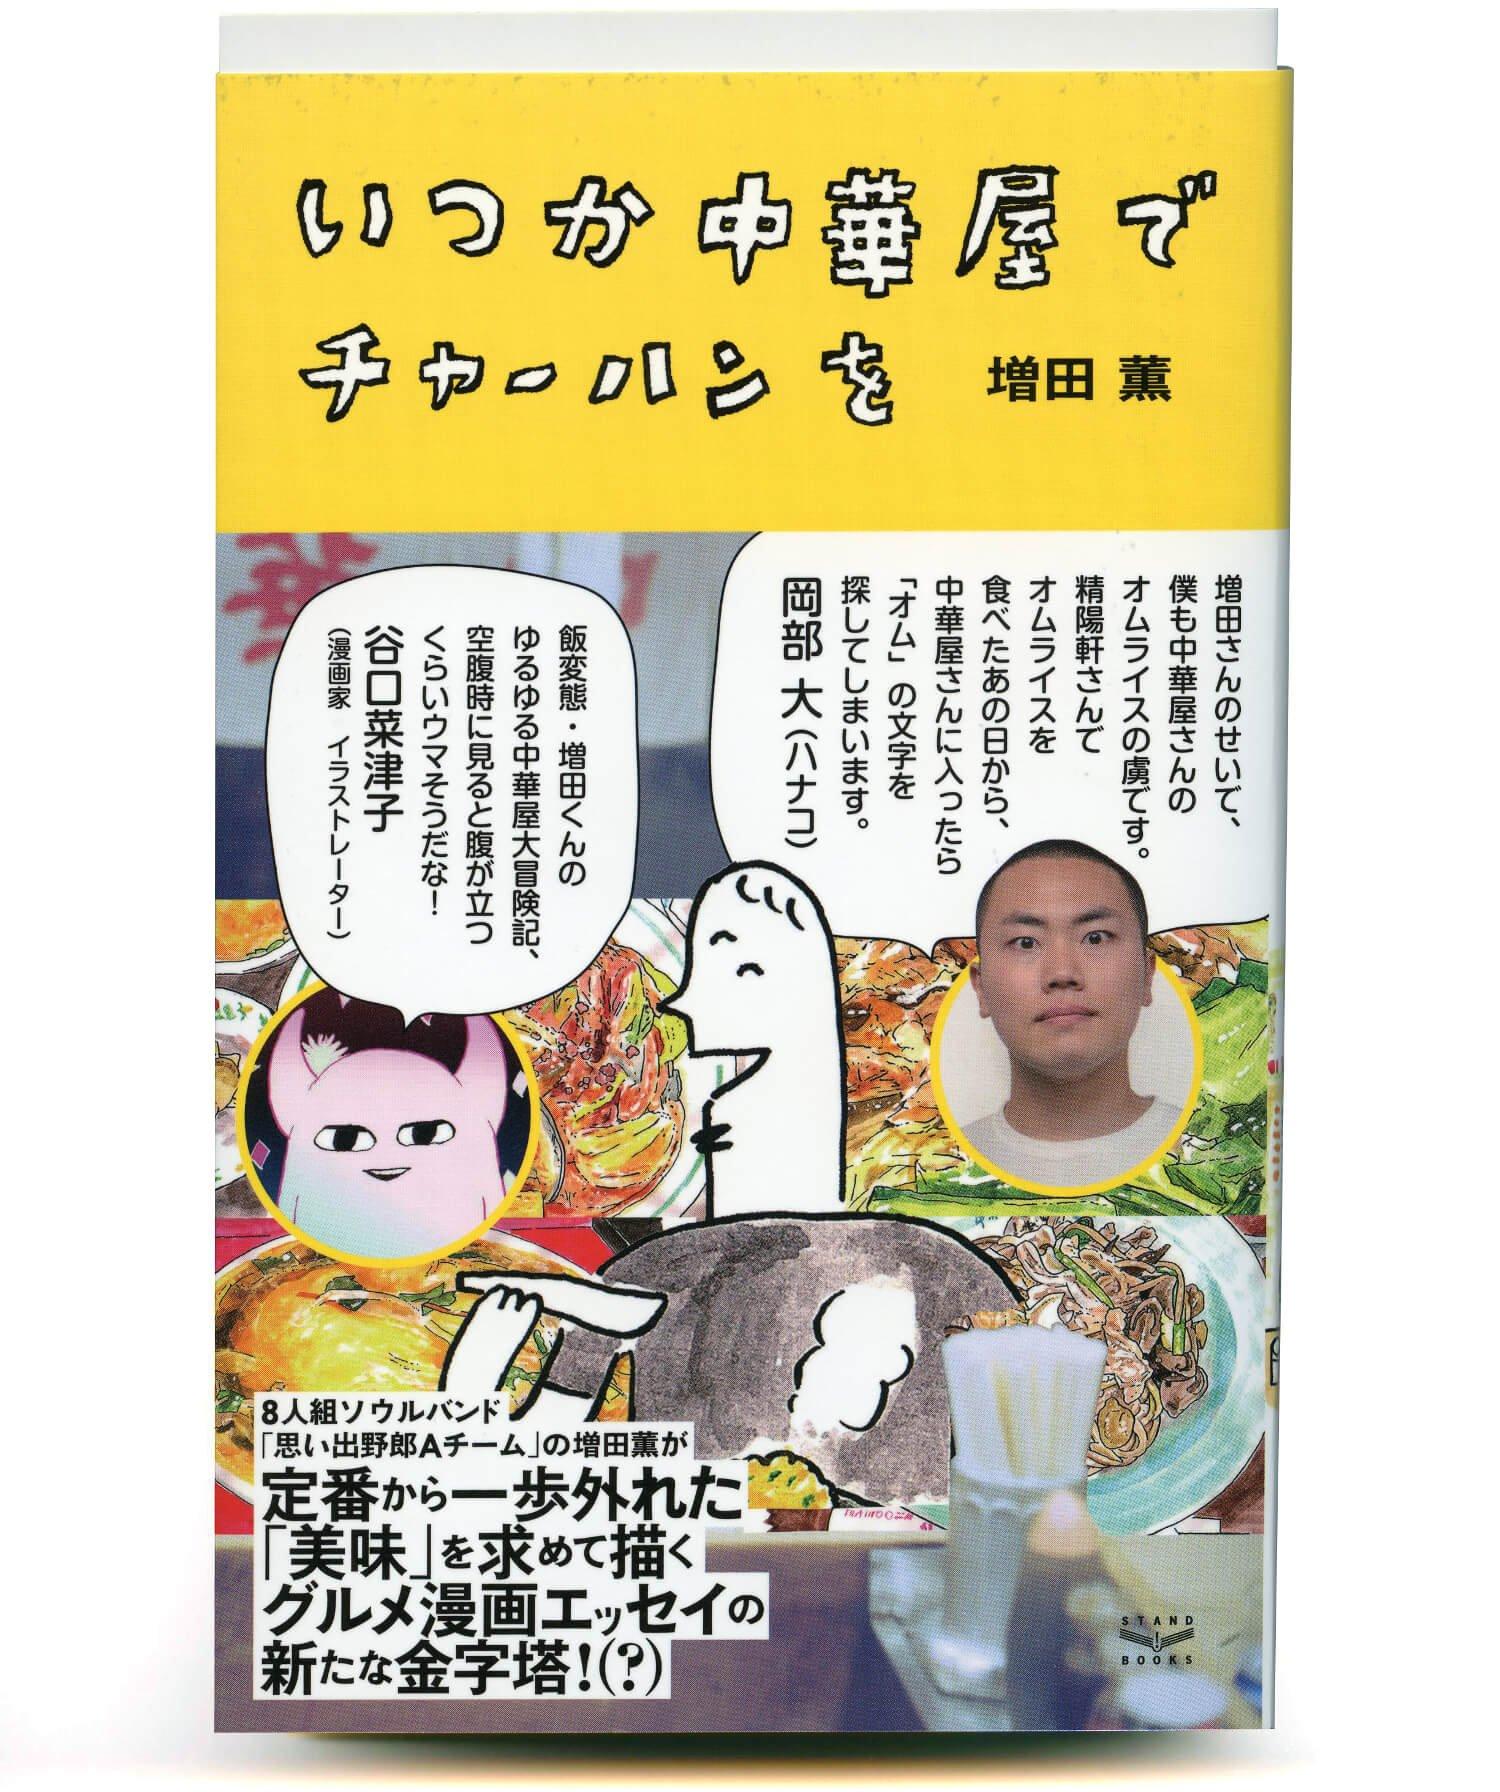 増田薫 著/ スタンド・ブックス/ 1600円+税